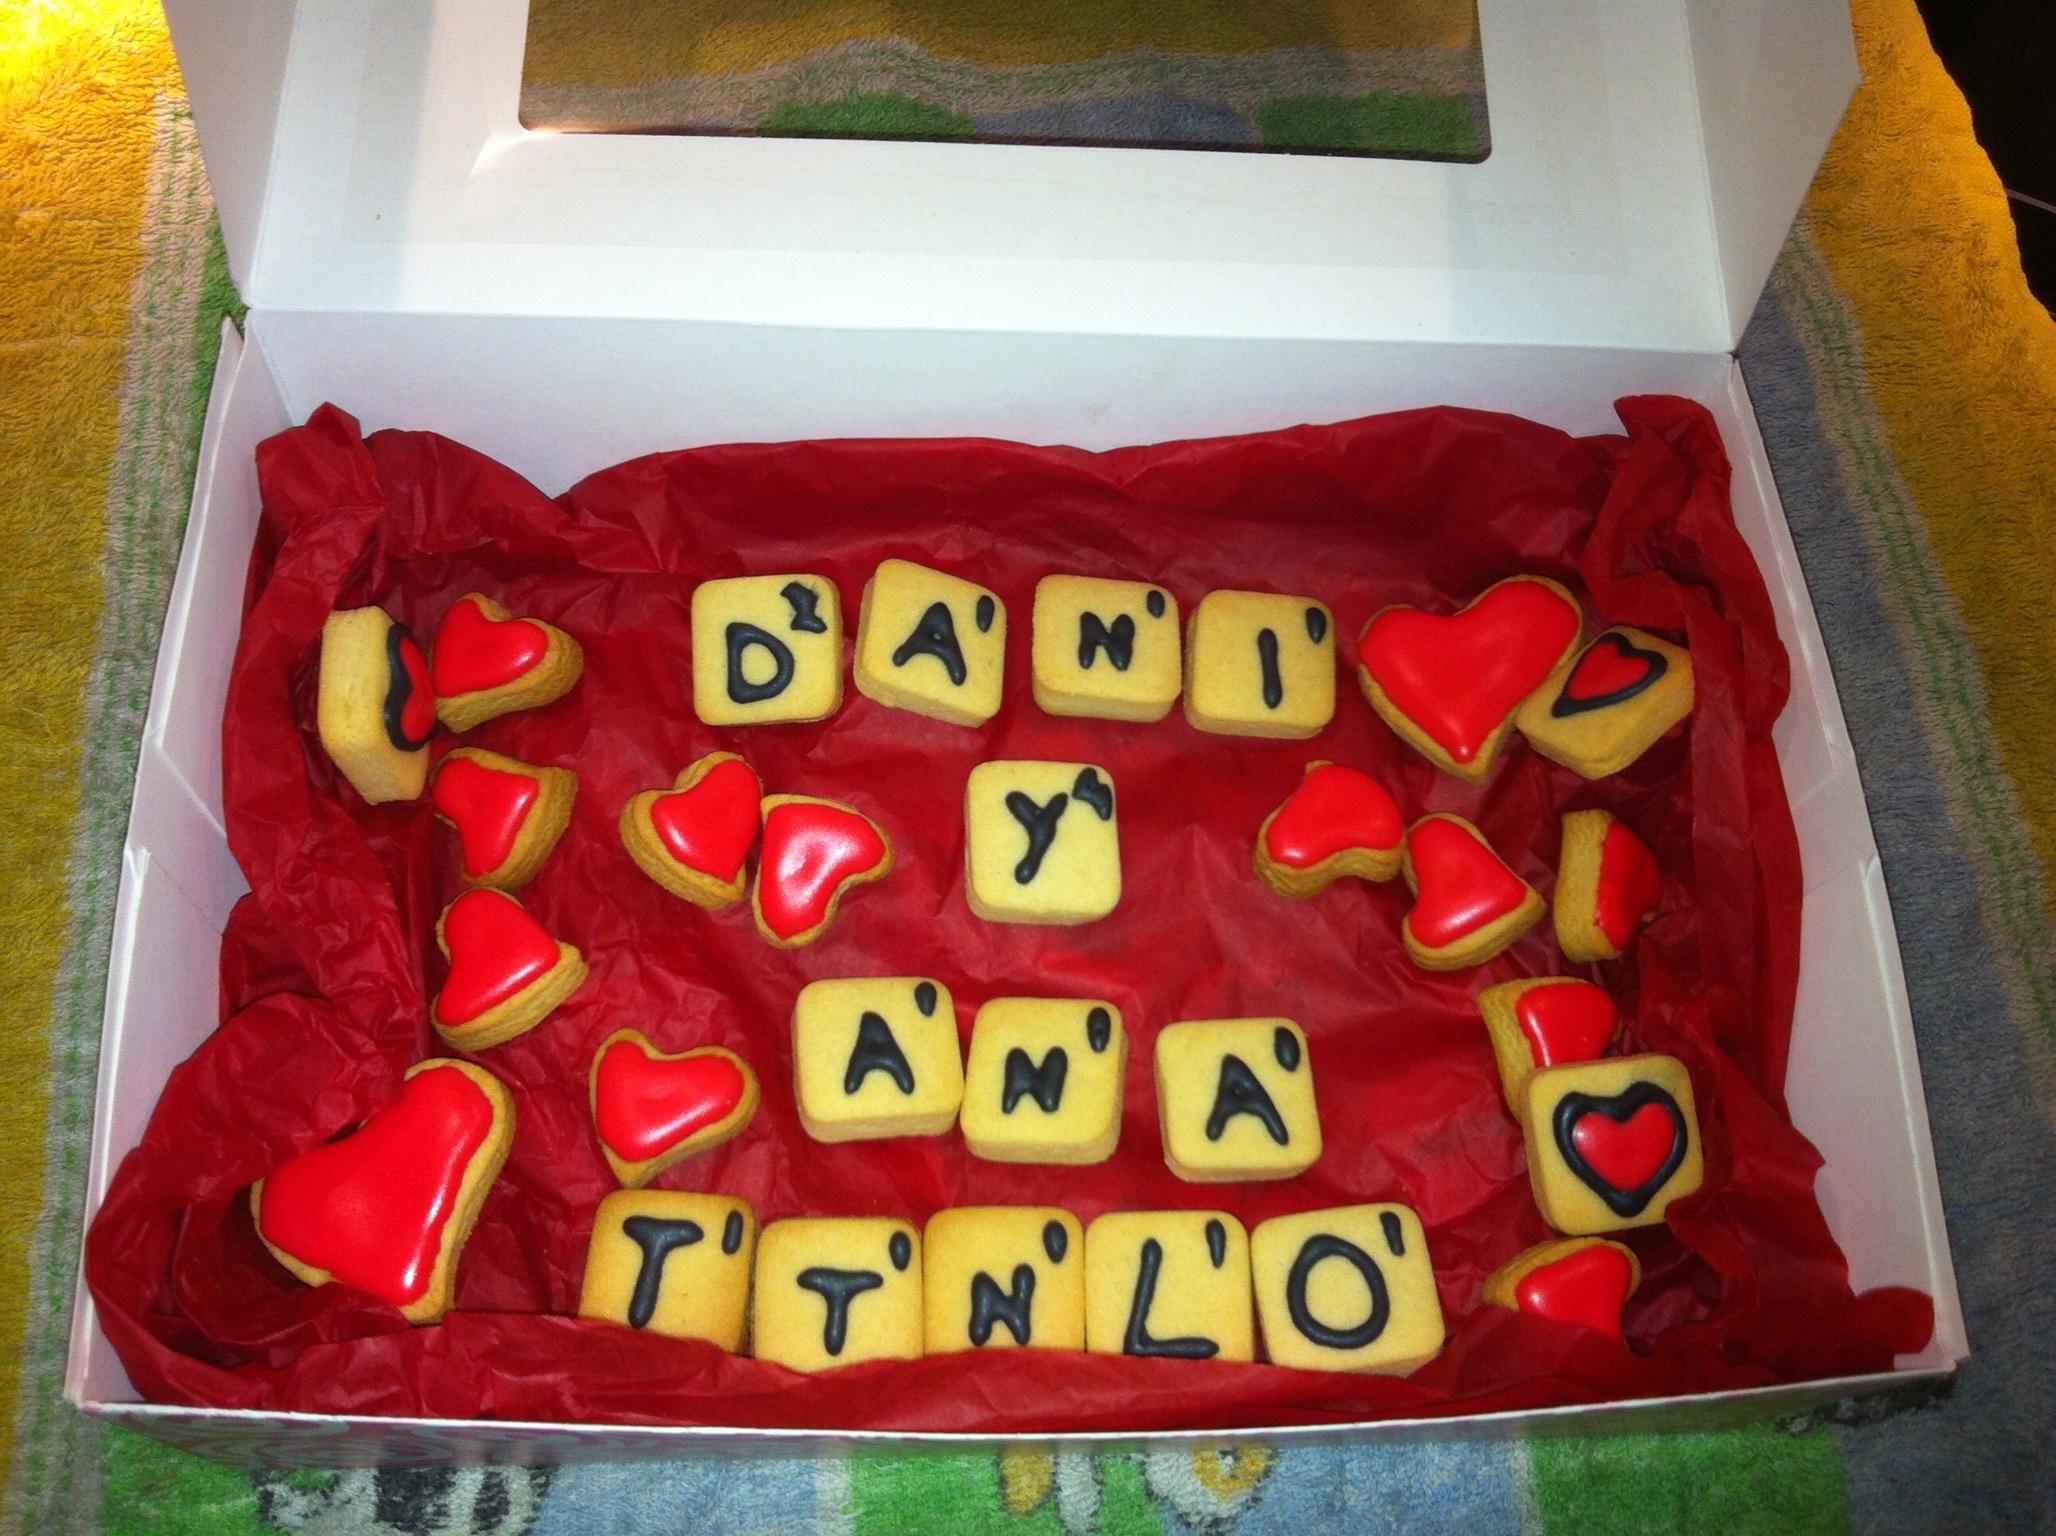 201302 17 Valentin, 8 letras, 11 Puntos